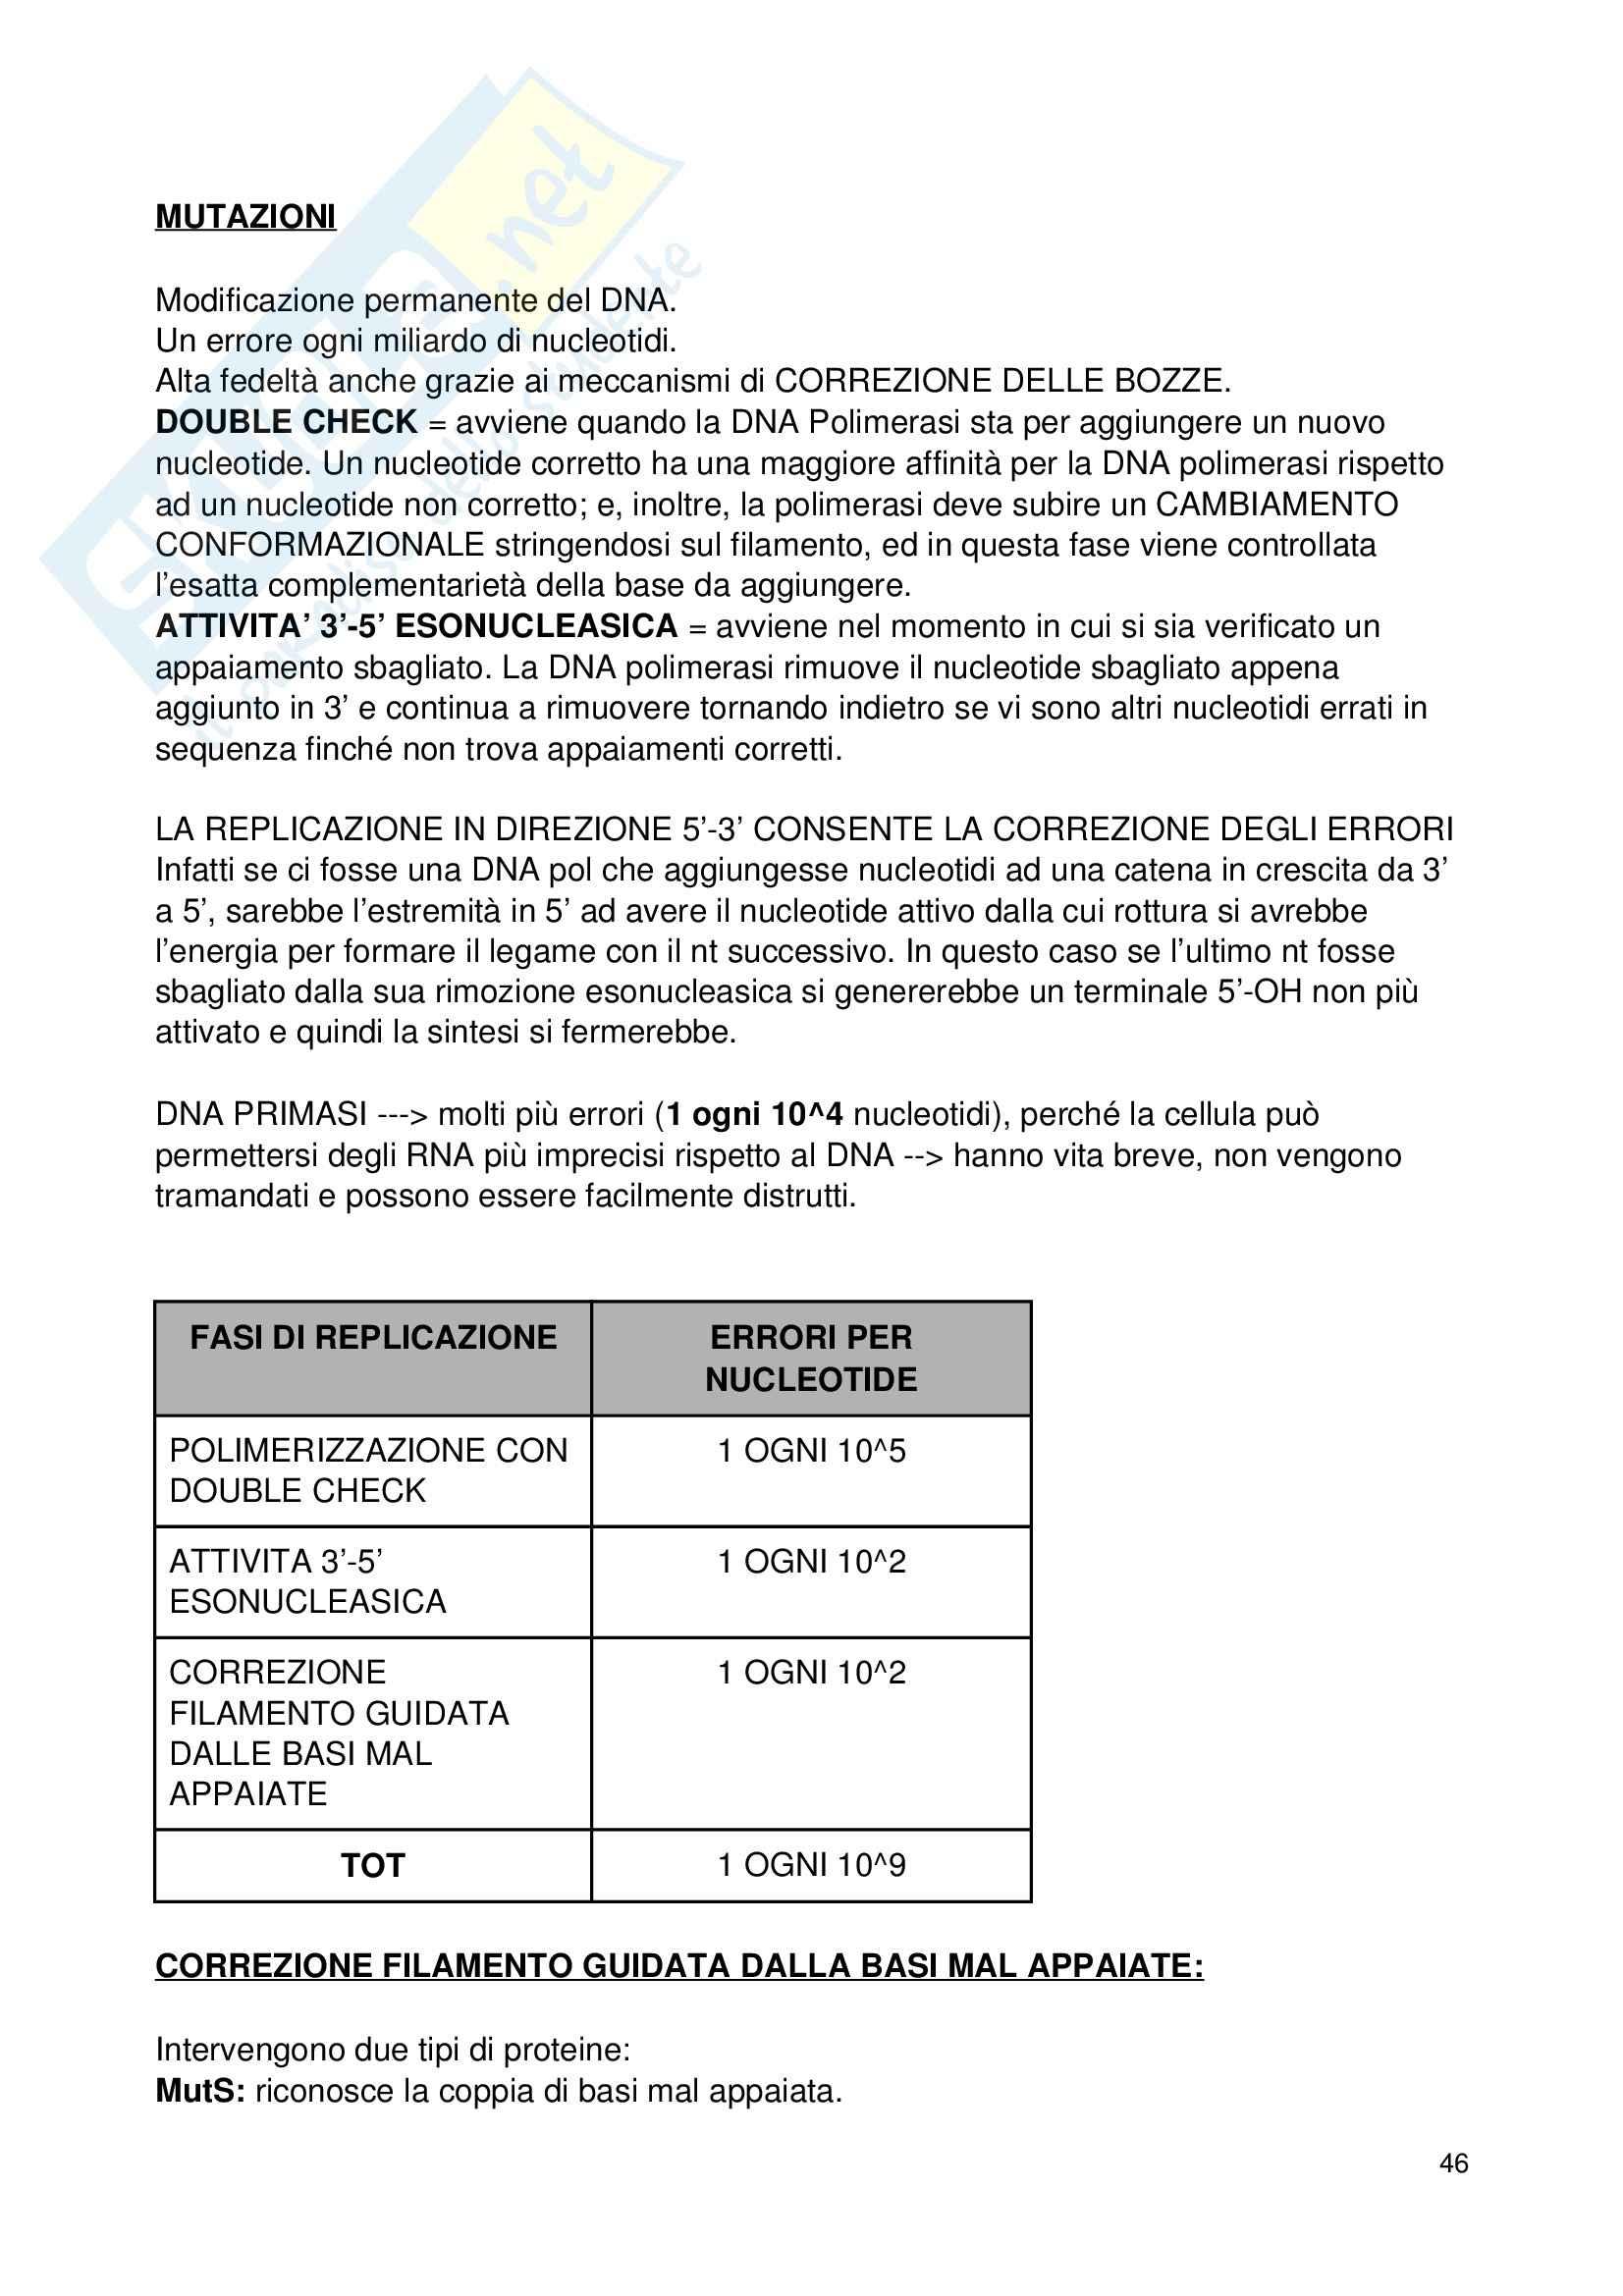 Biologia applicata - Appunti Pag. 46